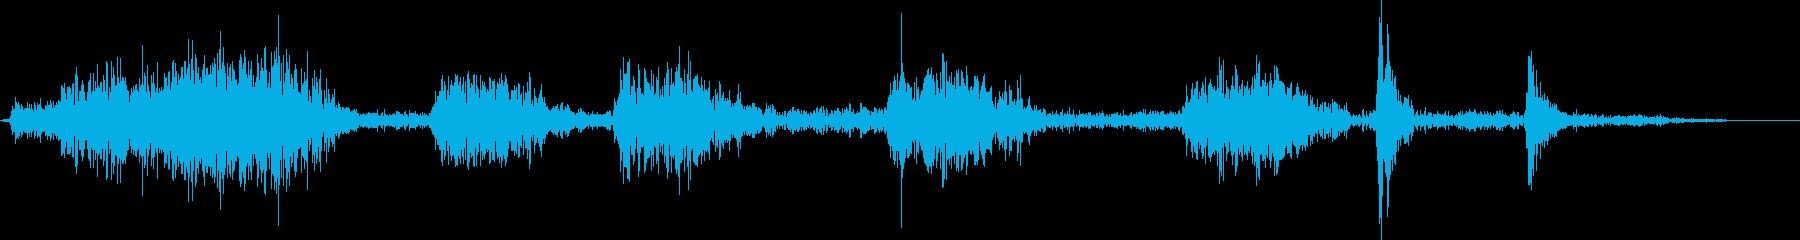 【ゲーム】 火 属性 09の再生済みの波形